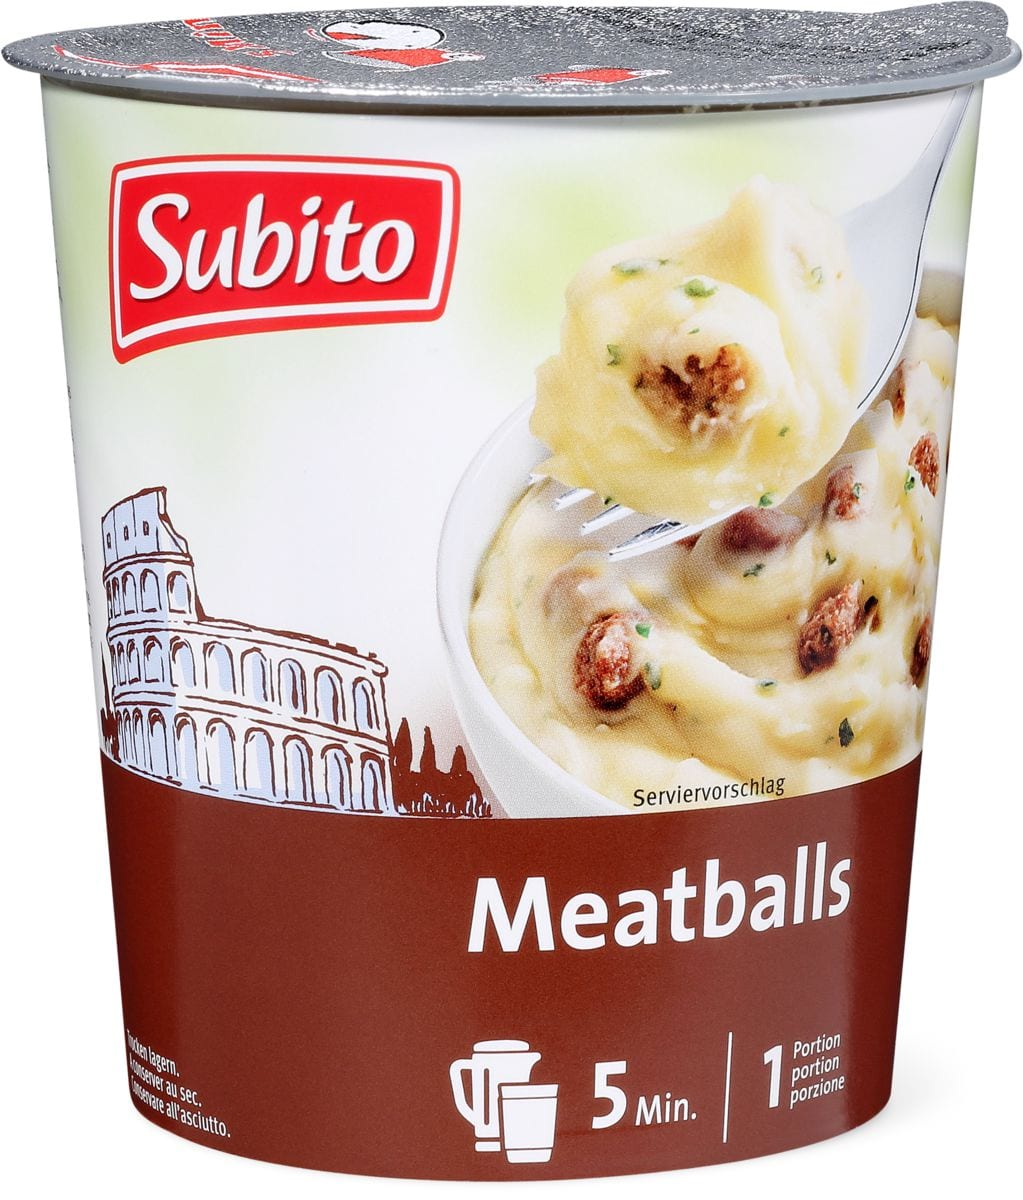 Subito Hot Snack Meatballs